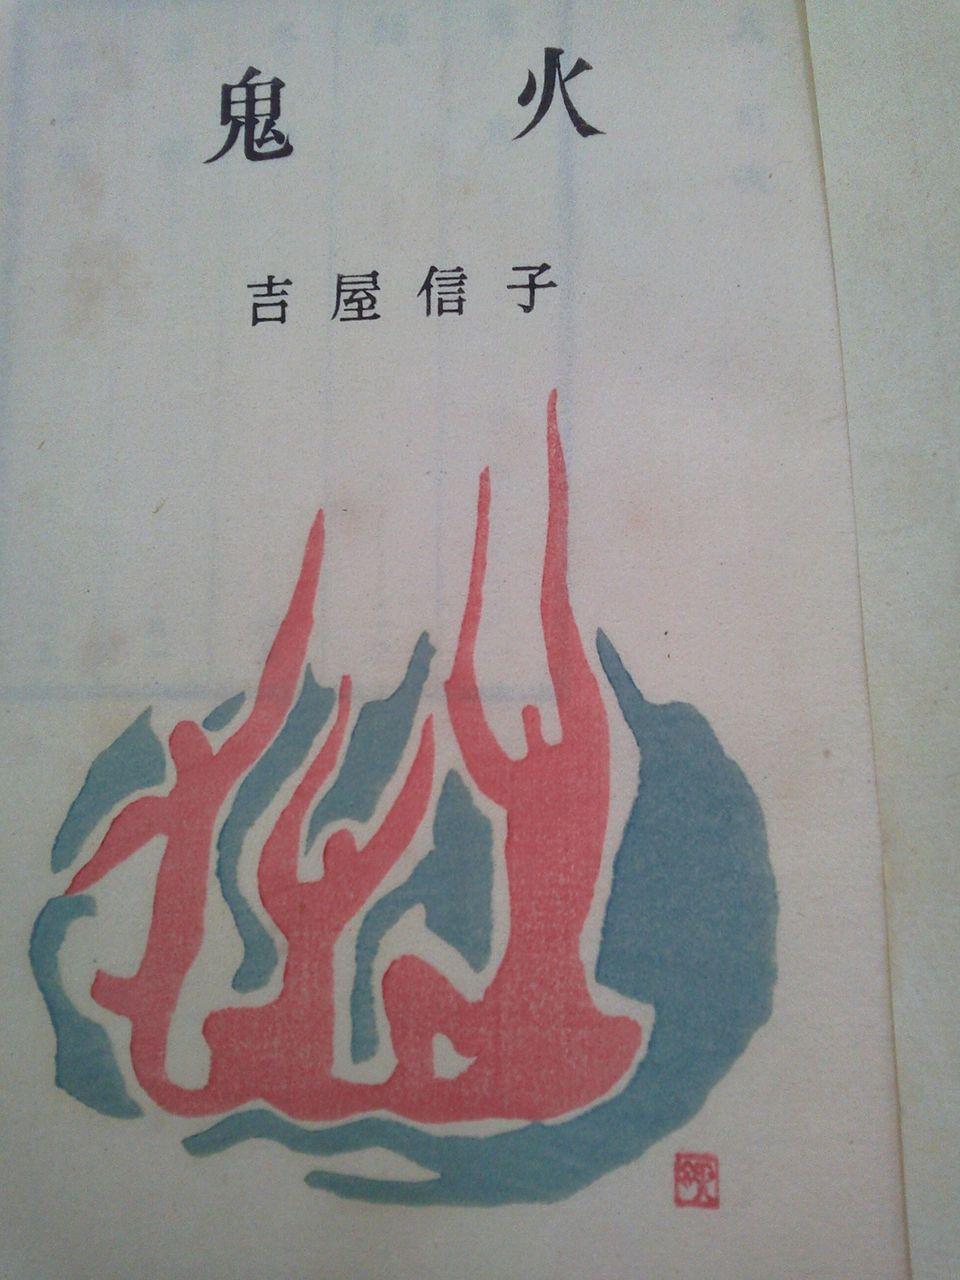 吉屋信子、白石かずこ、ムットーニ : mongabooksのブログ